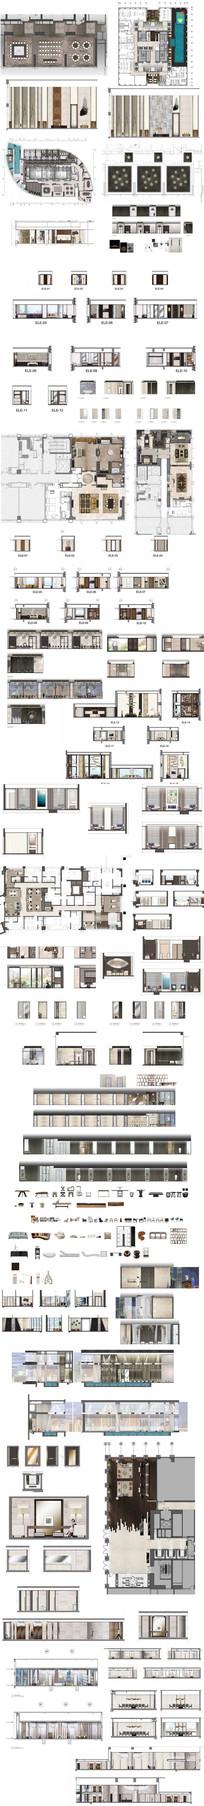 家居装饰彩平分层 PSD